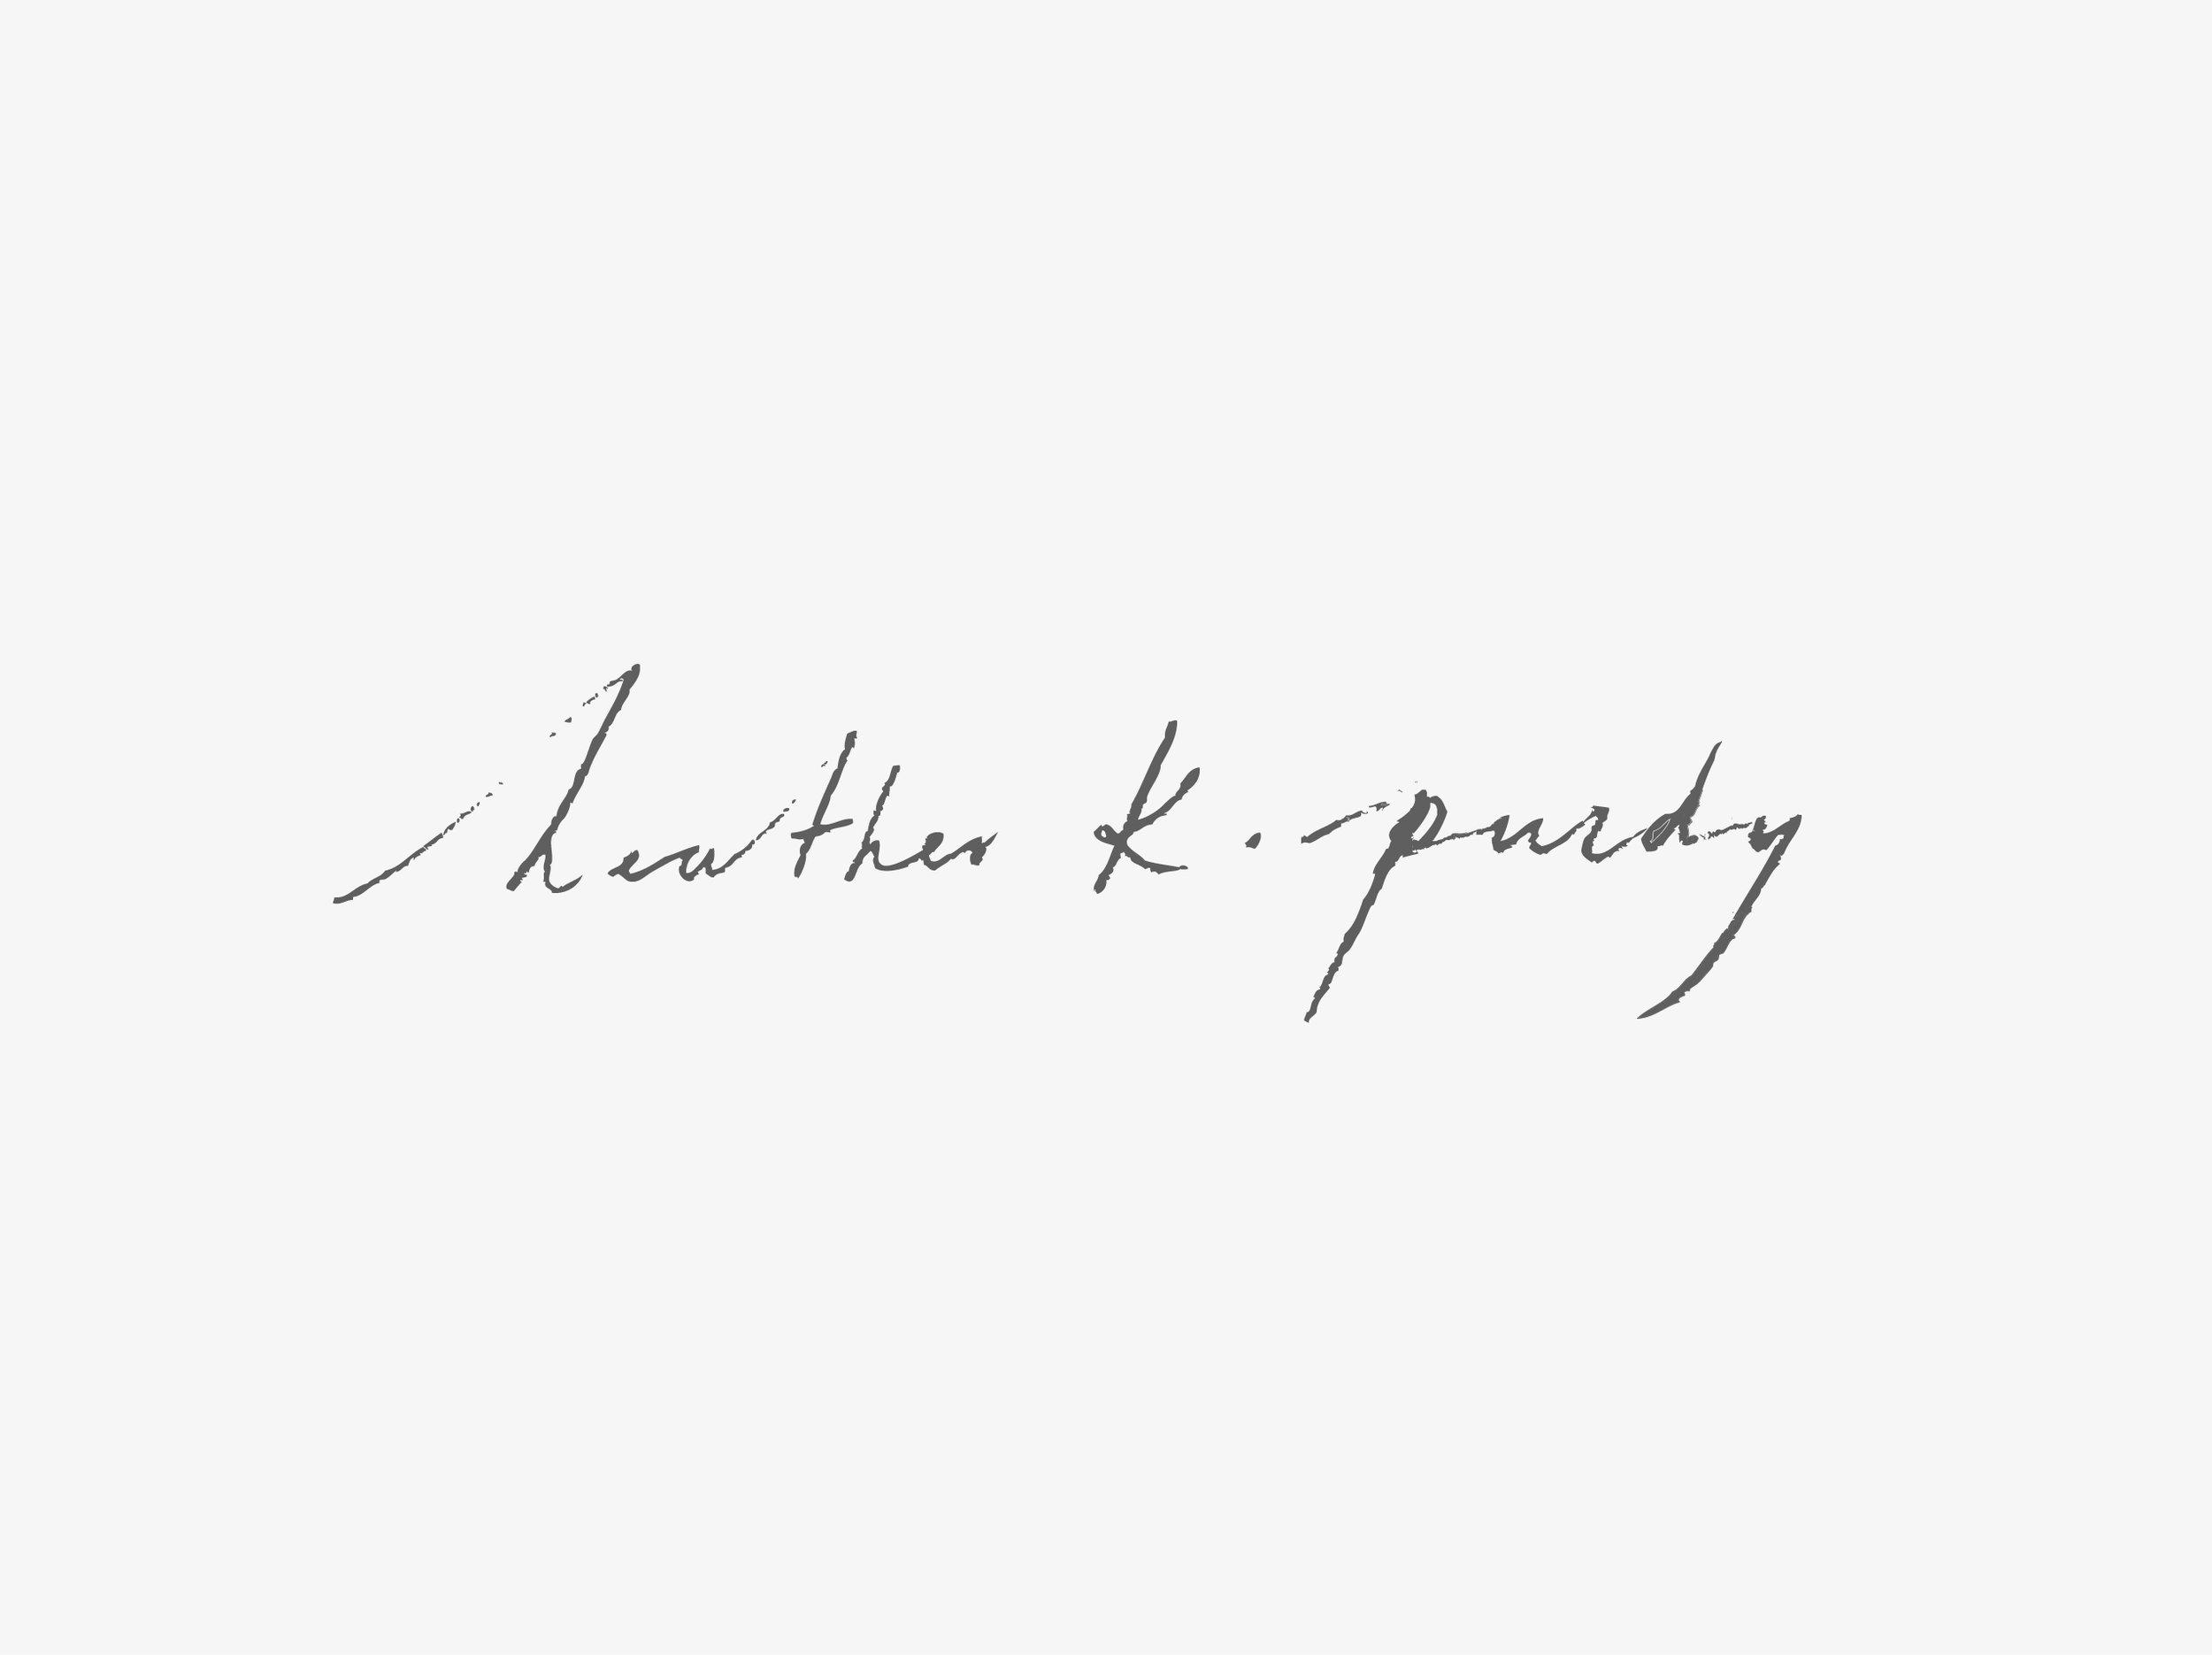 Heather K Purdy